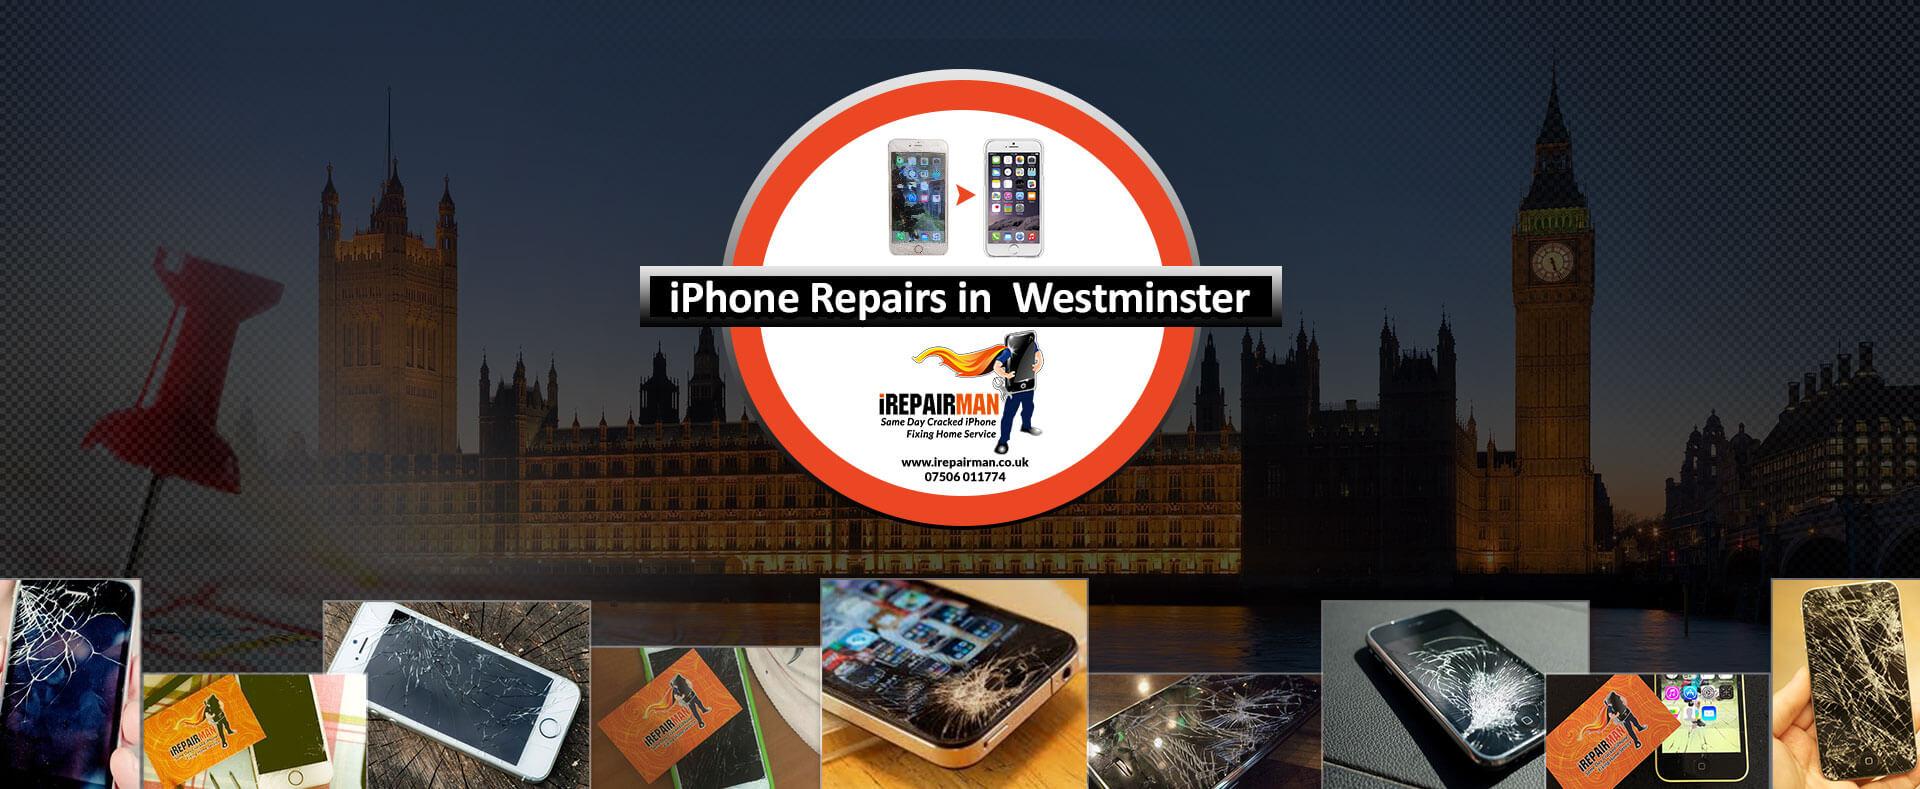 iPhone Repairs in Westminster